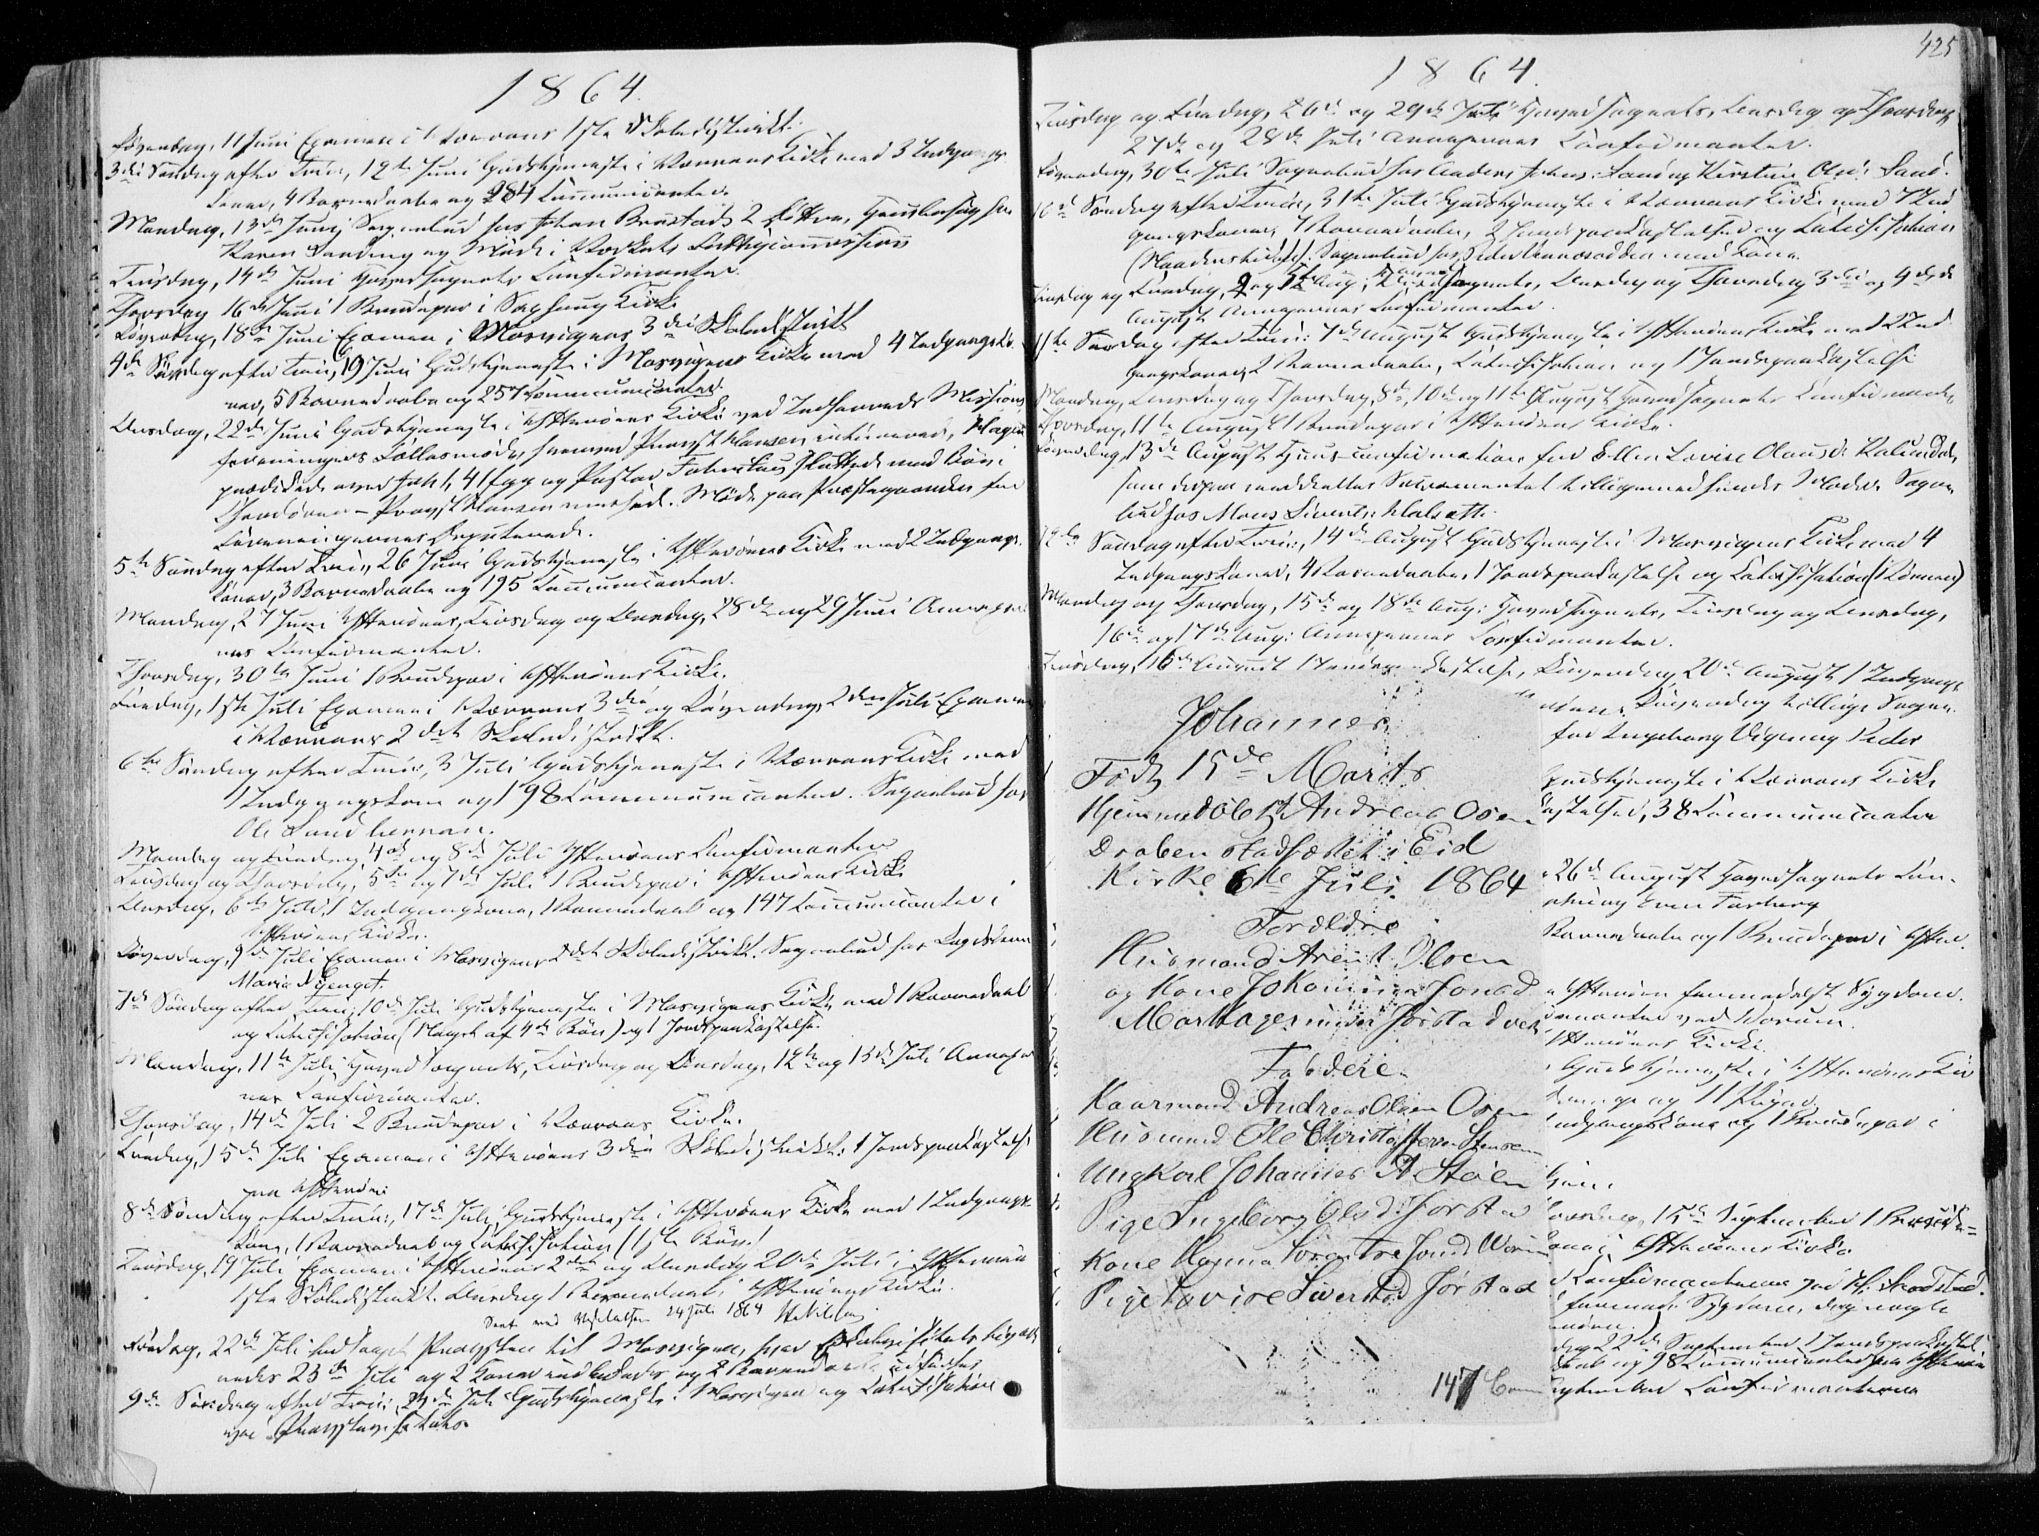 SAT, Ministerialprotokoller, klokkerbøker og fødselsregistre - Nord-Trøndelag, 722/L0218: Ministerialbok nr. 722A05, 1843-1868, s. 425